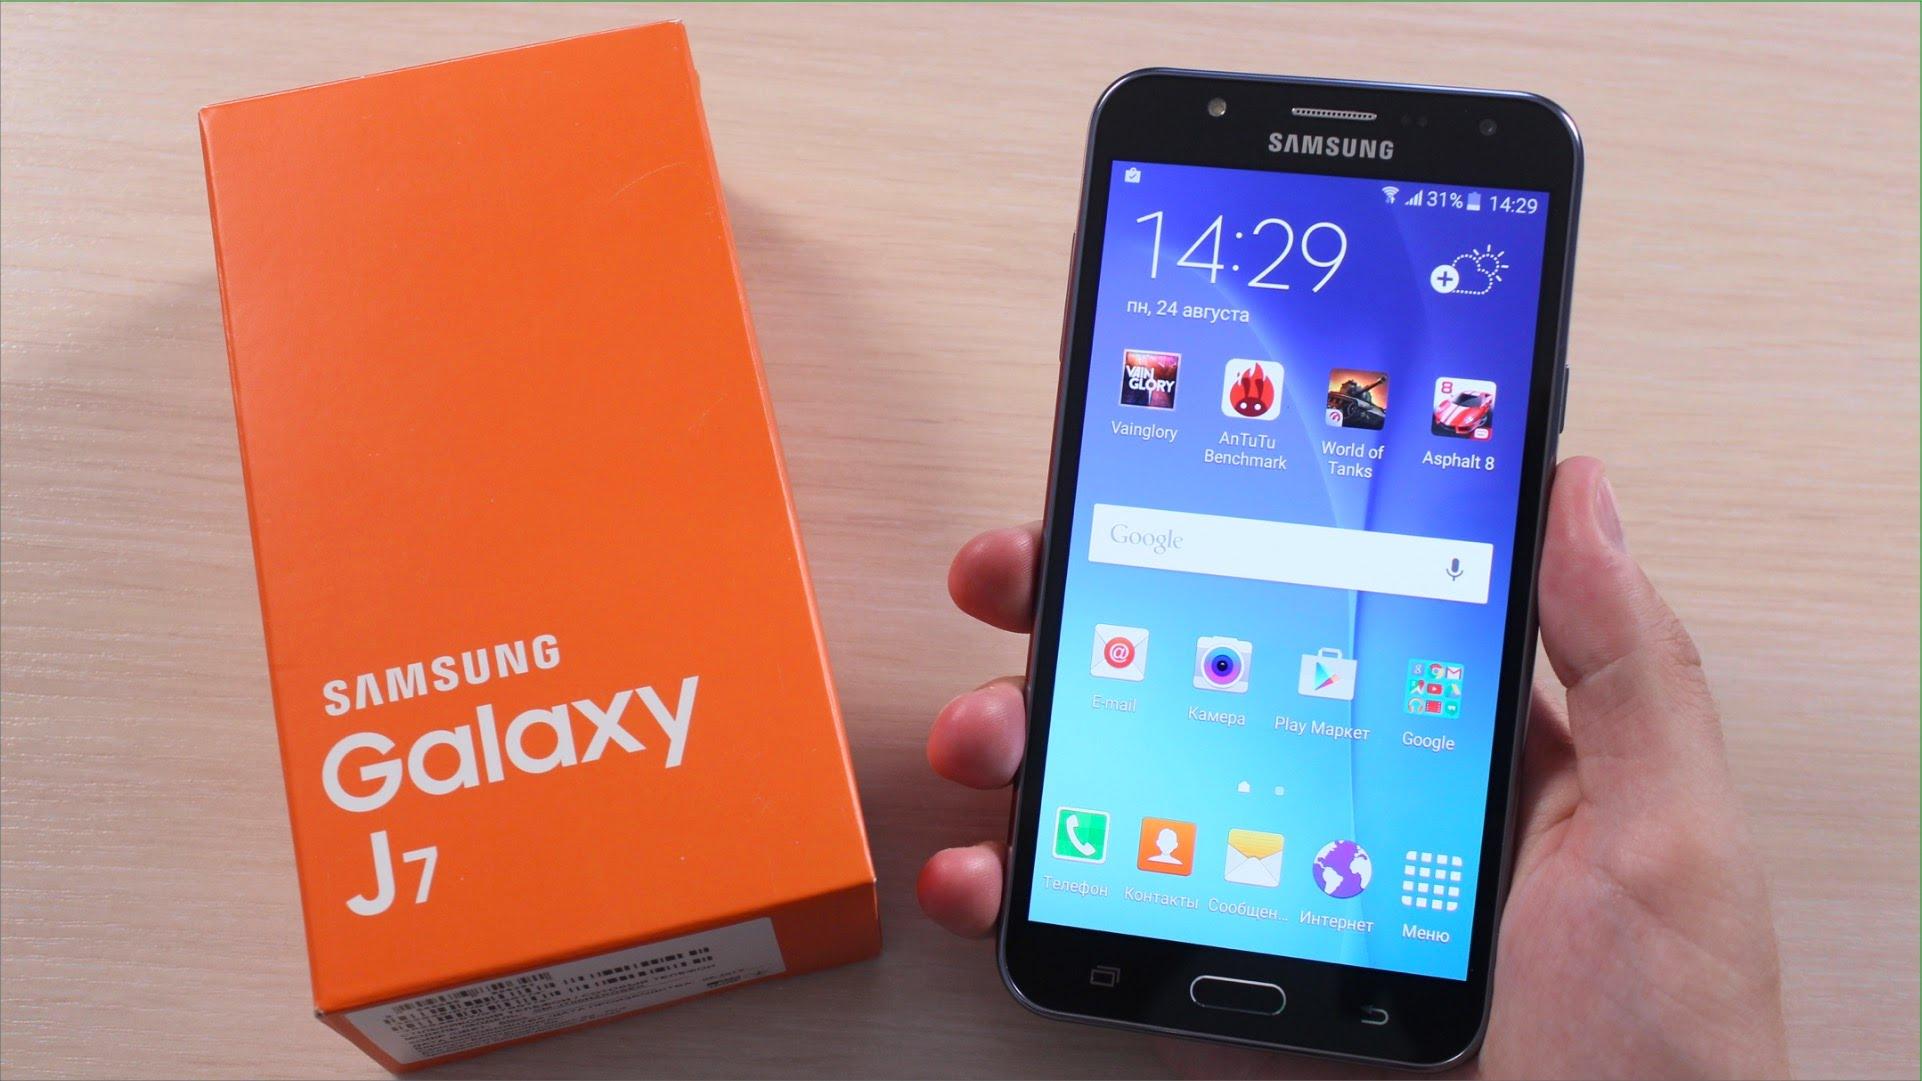 5 consigli per salvare la batteria del Samsung Galaxy J7 1